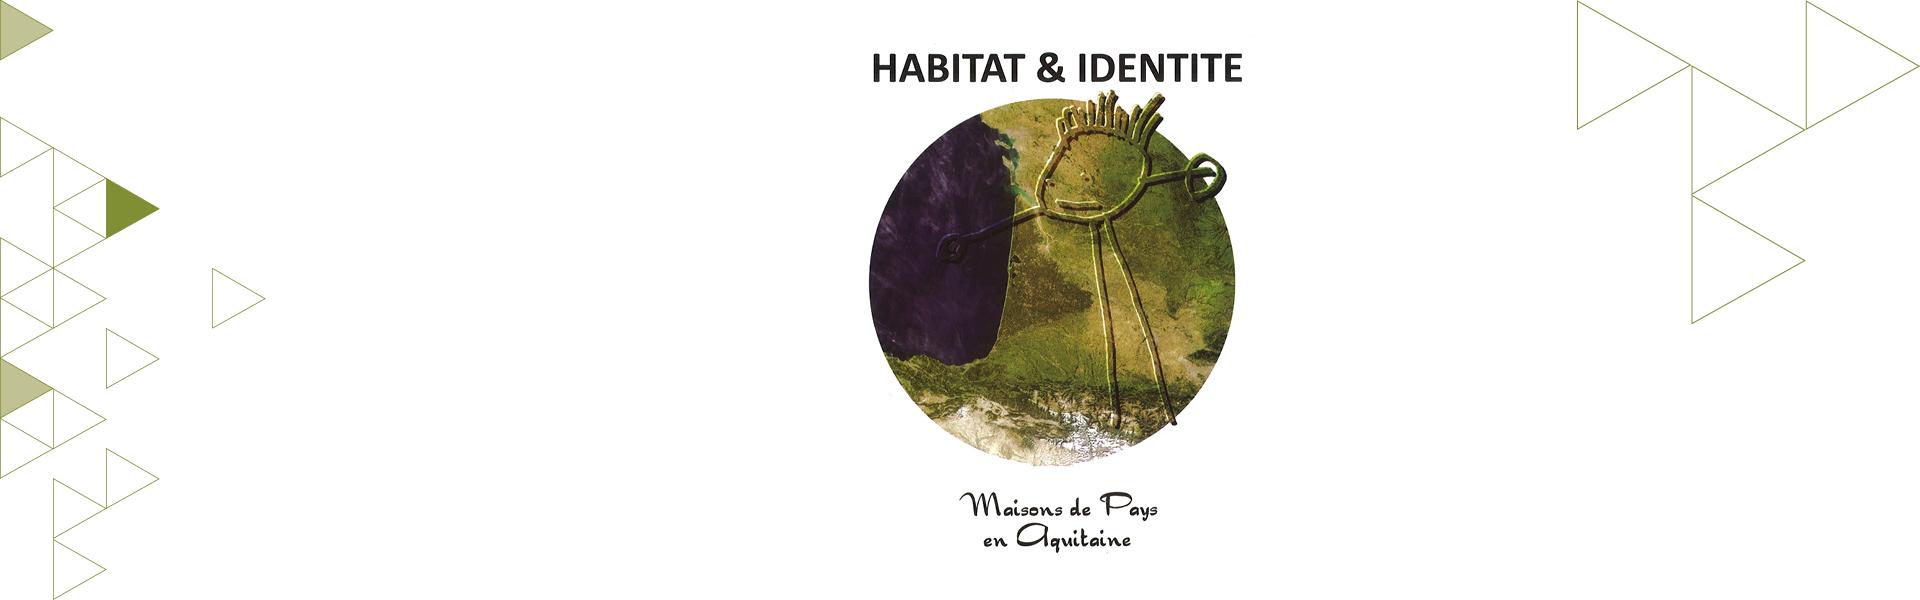 Habitat &amp; Identité : vers une culture de l&#039;habiter ? <br /> Du colloque à l&#039;ouvrage...